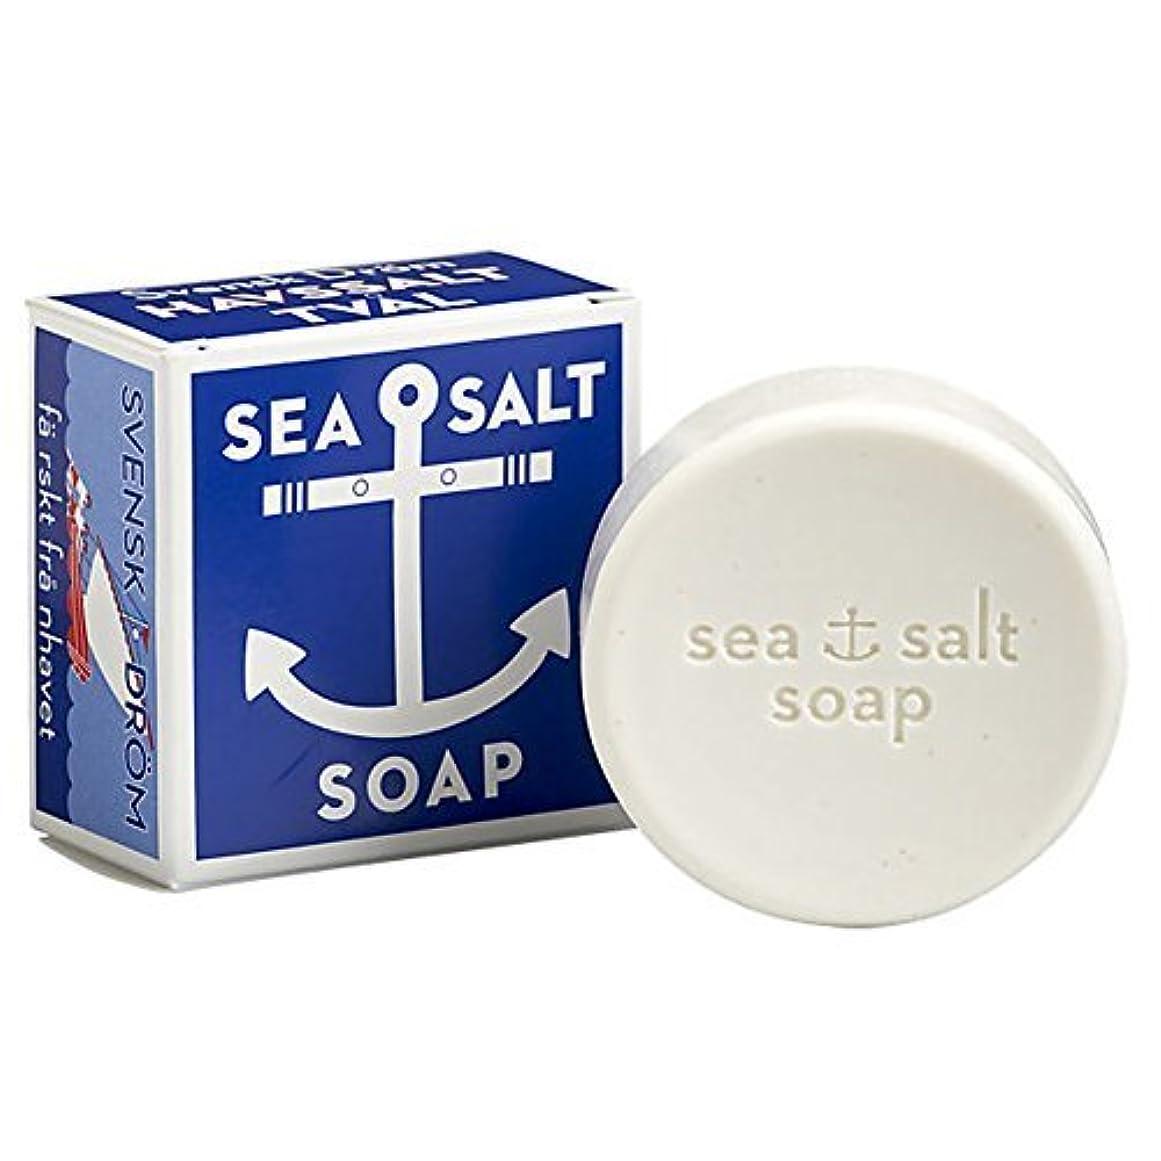 願望エラー破滅Swedish Dream Sea Salt Invigorating Bath Soap - One 4.3 oz Bar by Swedish Dream [並行輸入品]